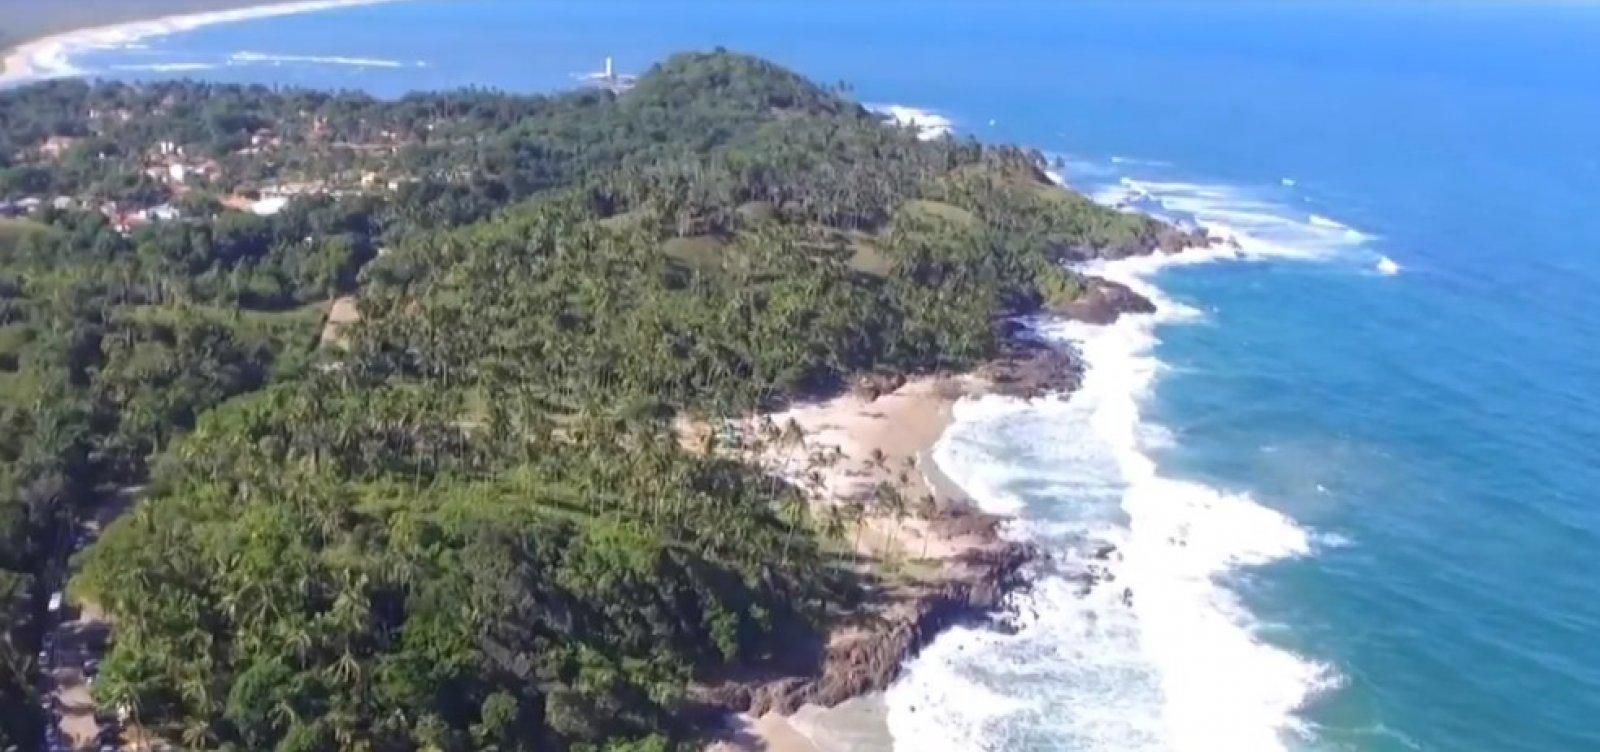 Após cinco meses de suspensão, Itacaré tem reabertura gradual do turismo